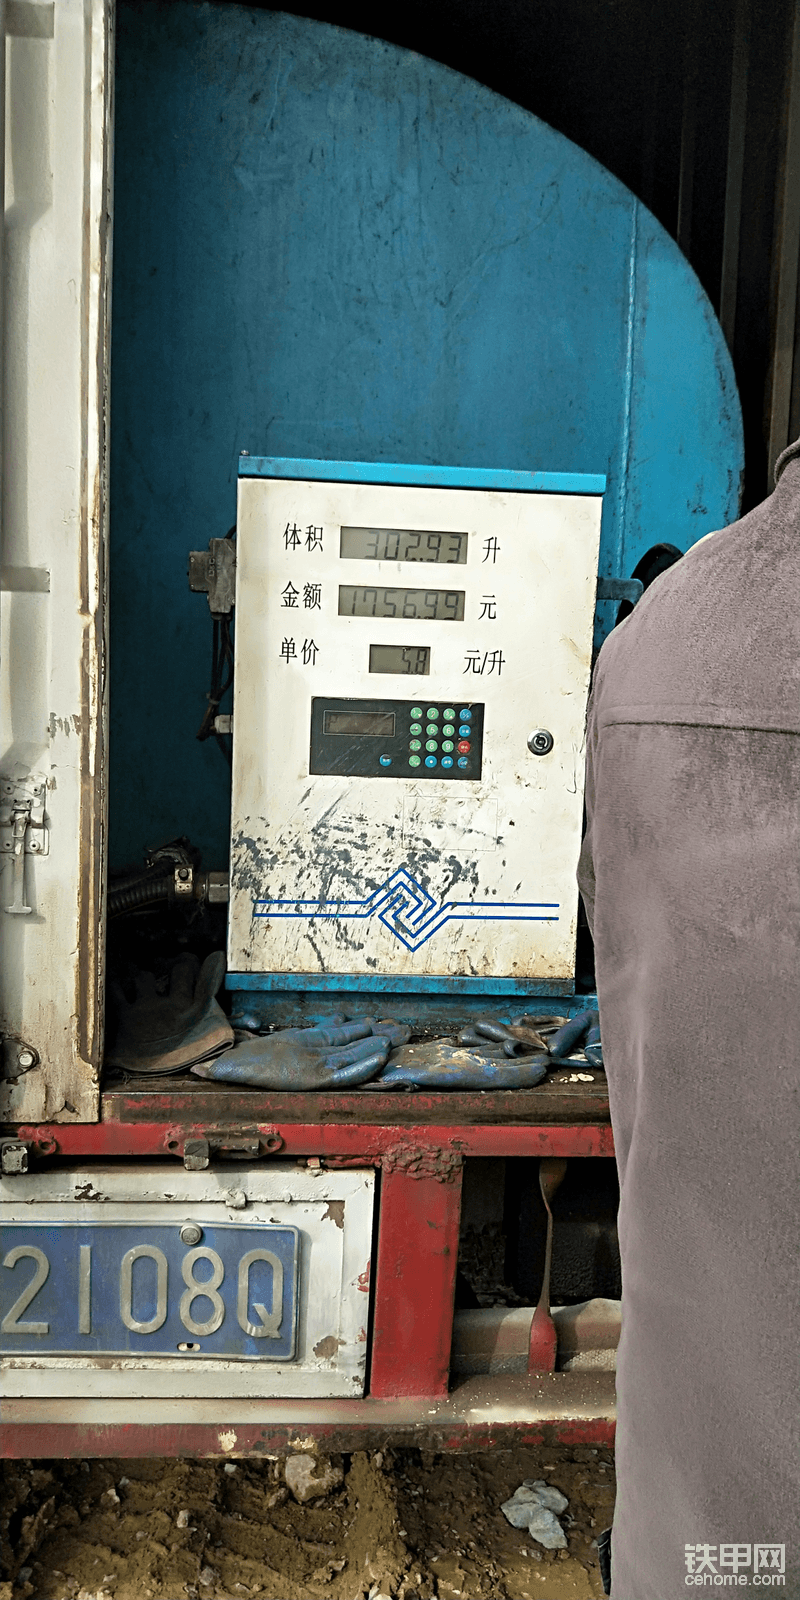 斗山220-7还有两格油,一个油壶和加满一箱油的数量